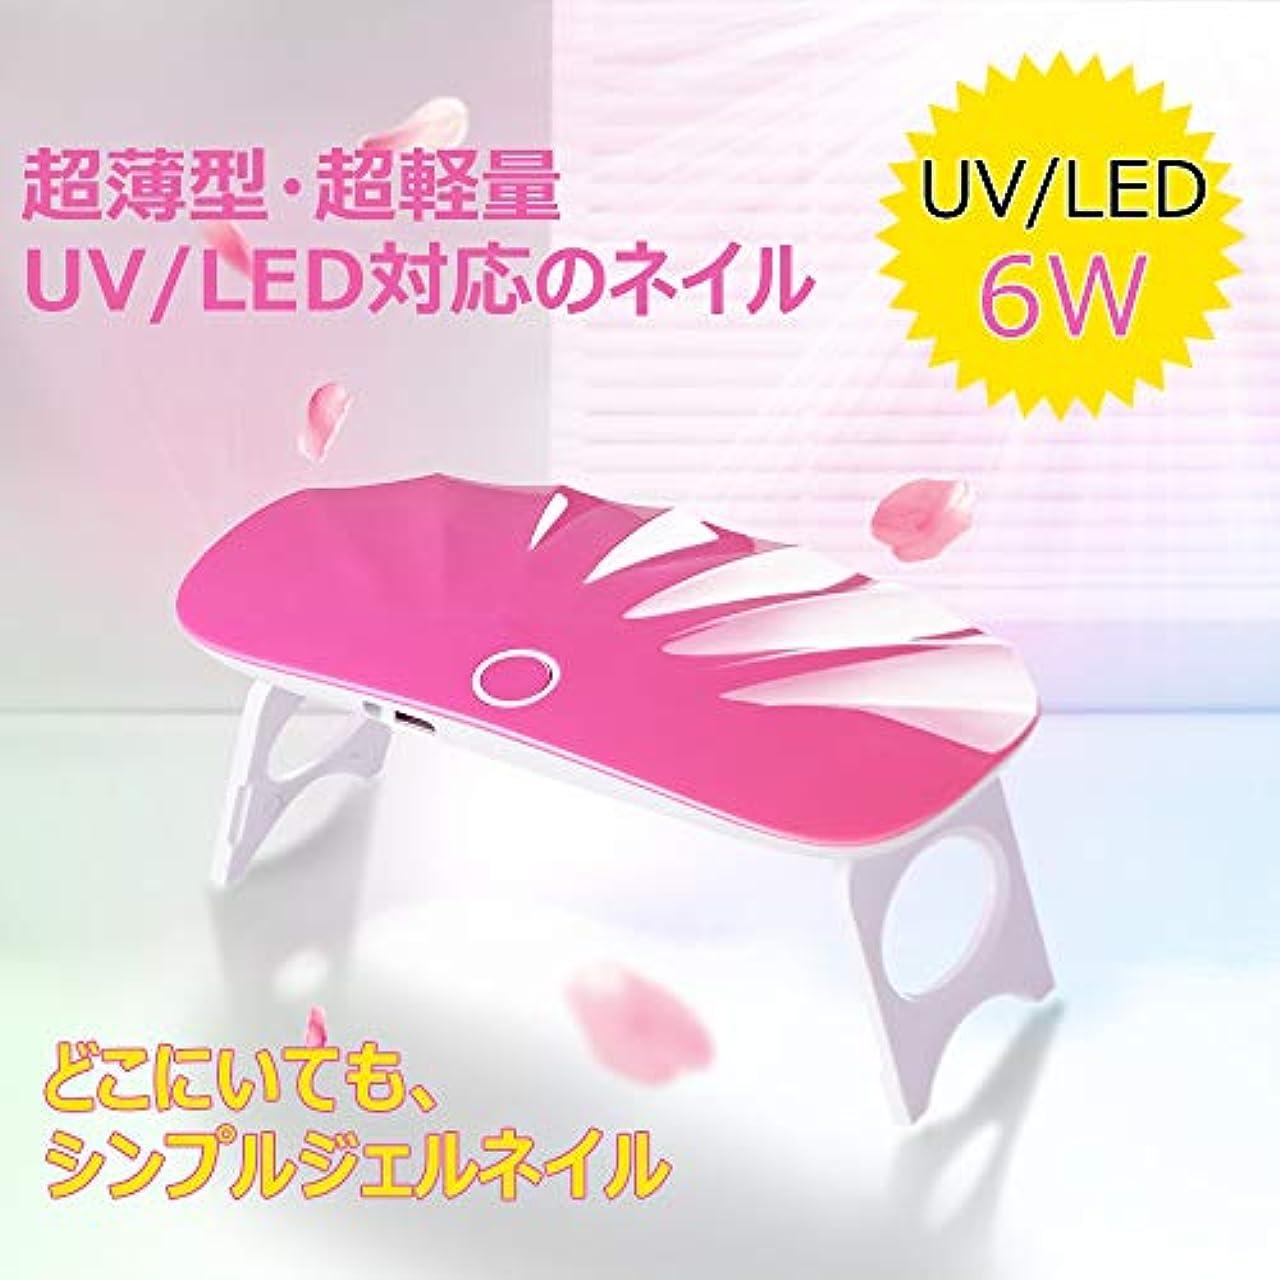 ルーム選出する混乱コンパクト/シンプル LED6Wネイルライト LEDジェル?UVジェル?UVレジンにも対応 マーメイドシェルライト (ピンク)